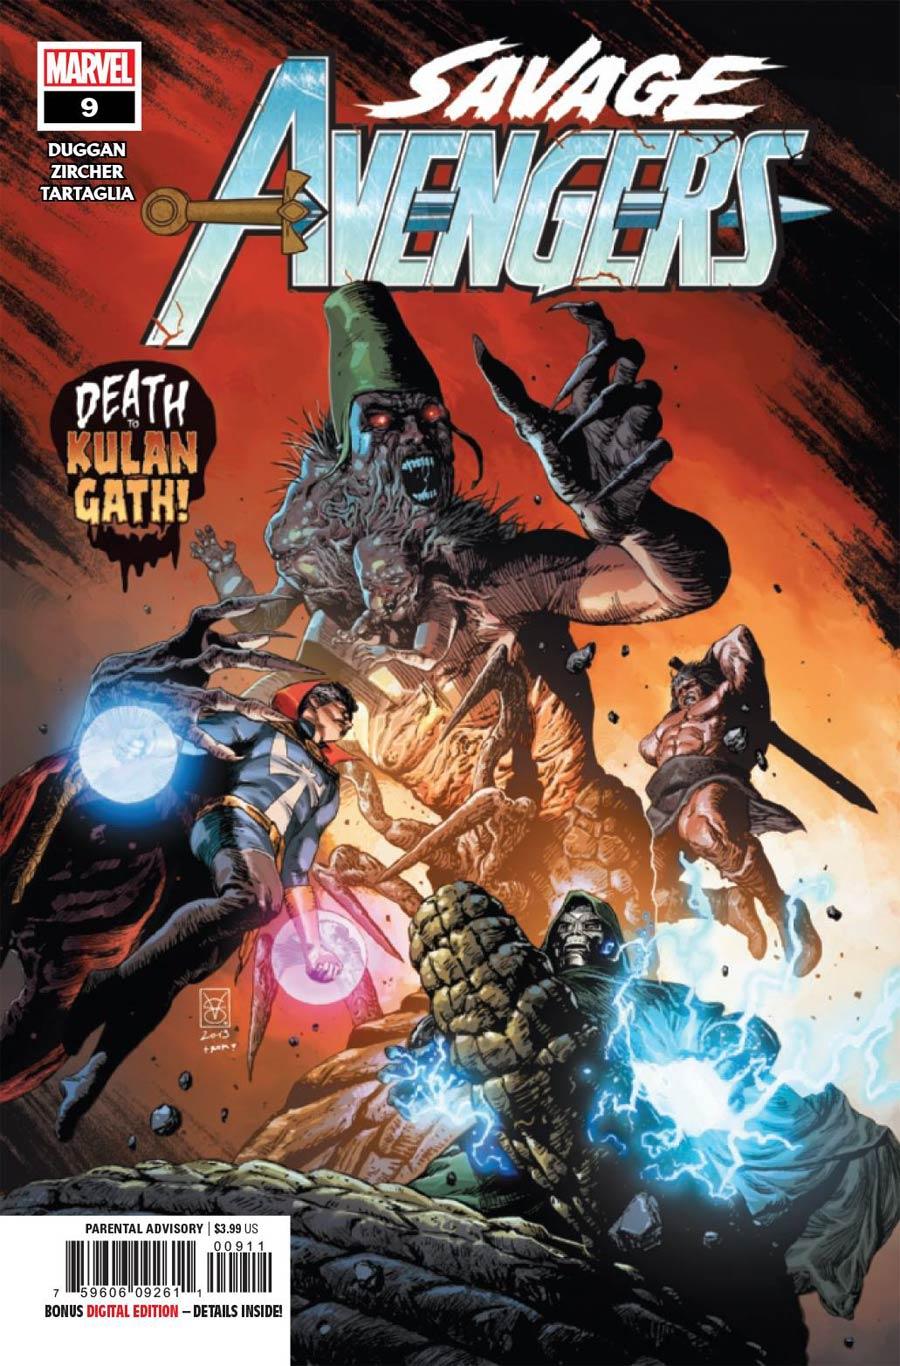 Savage Avengers #9